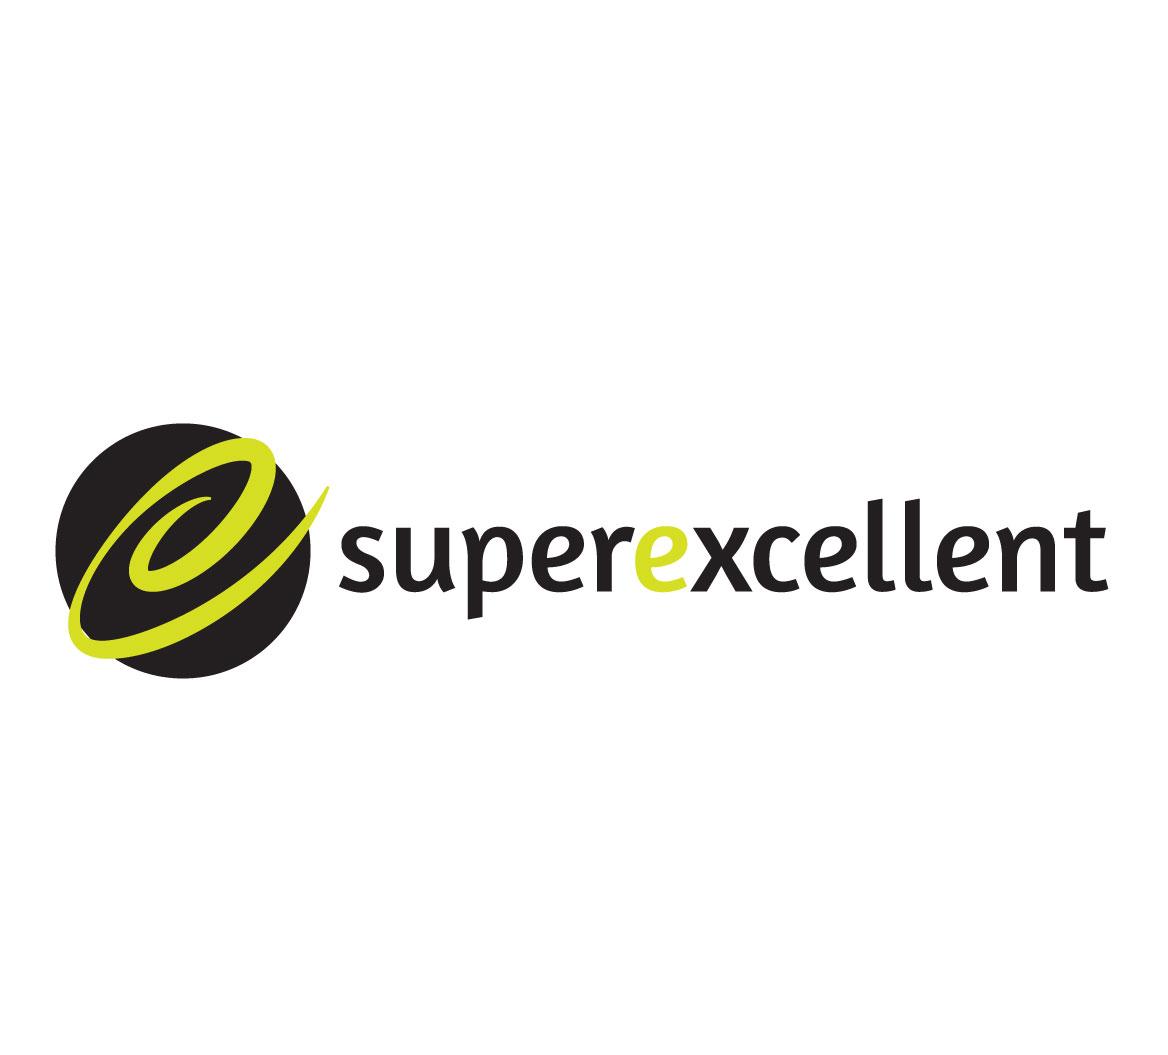 SuperExcellent